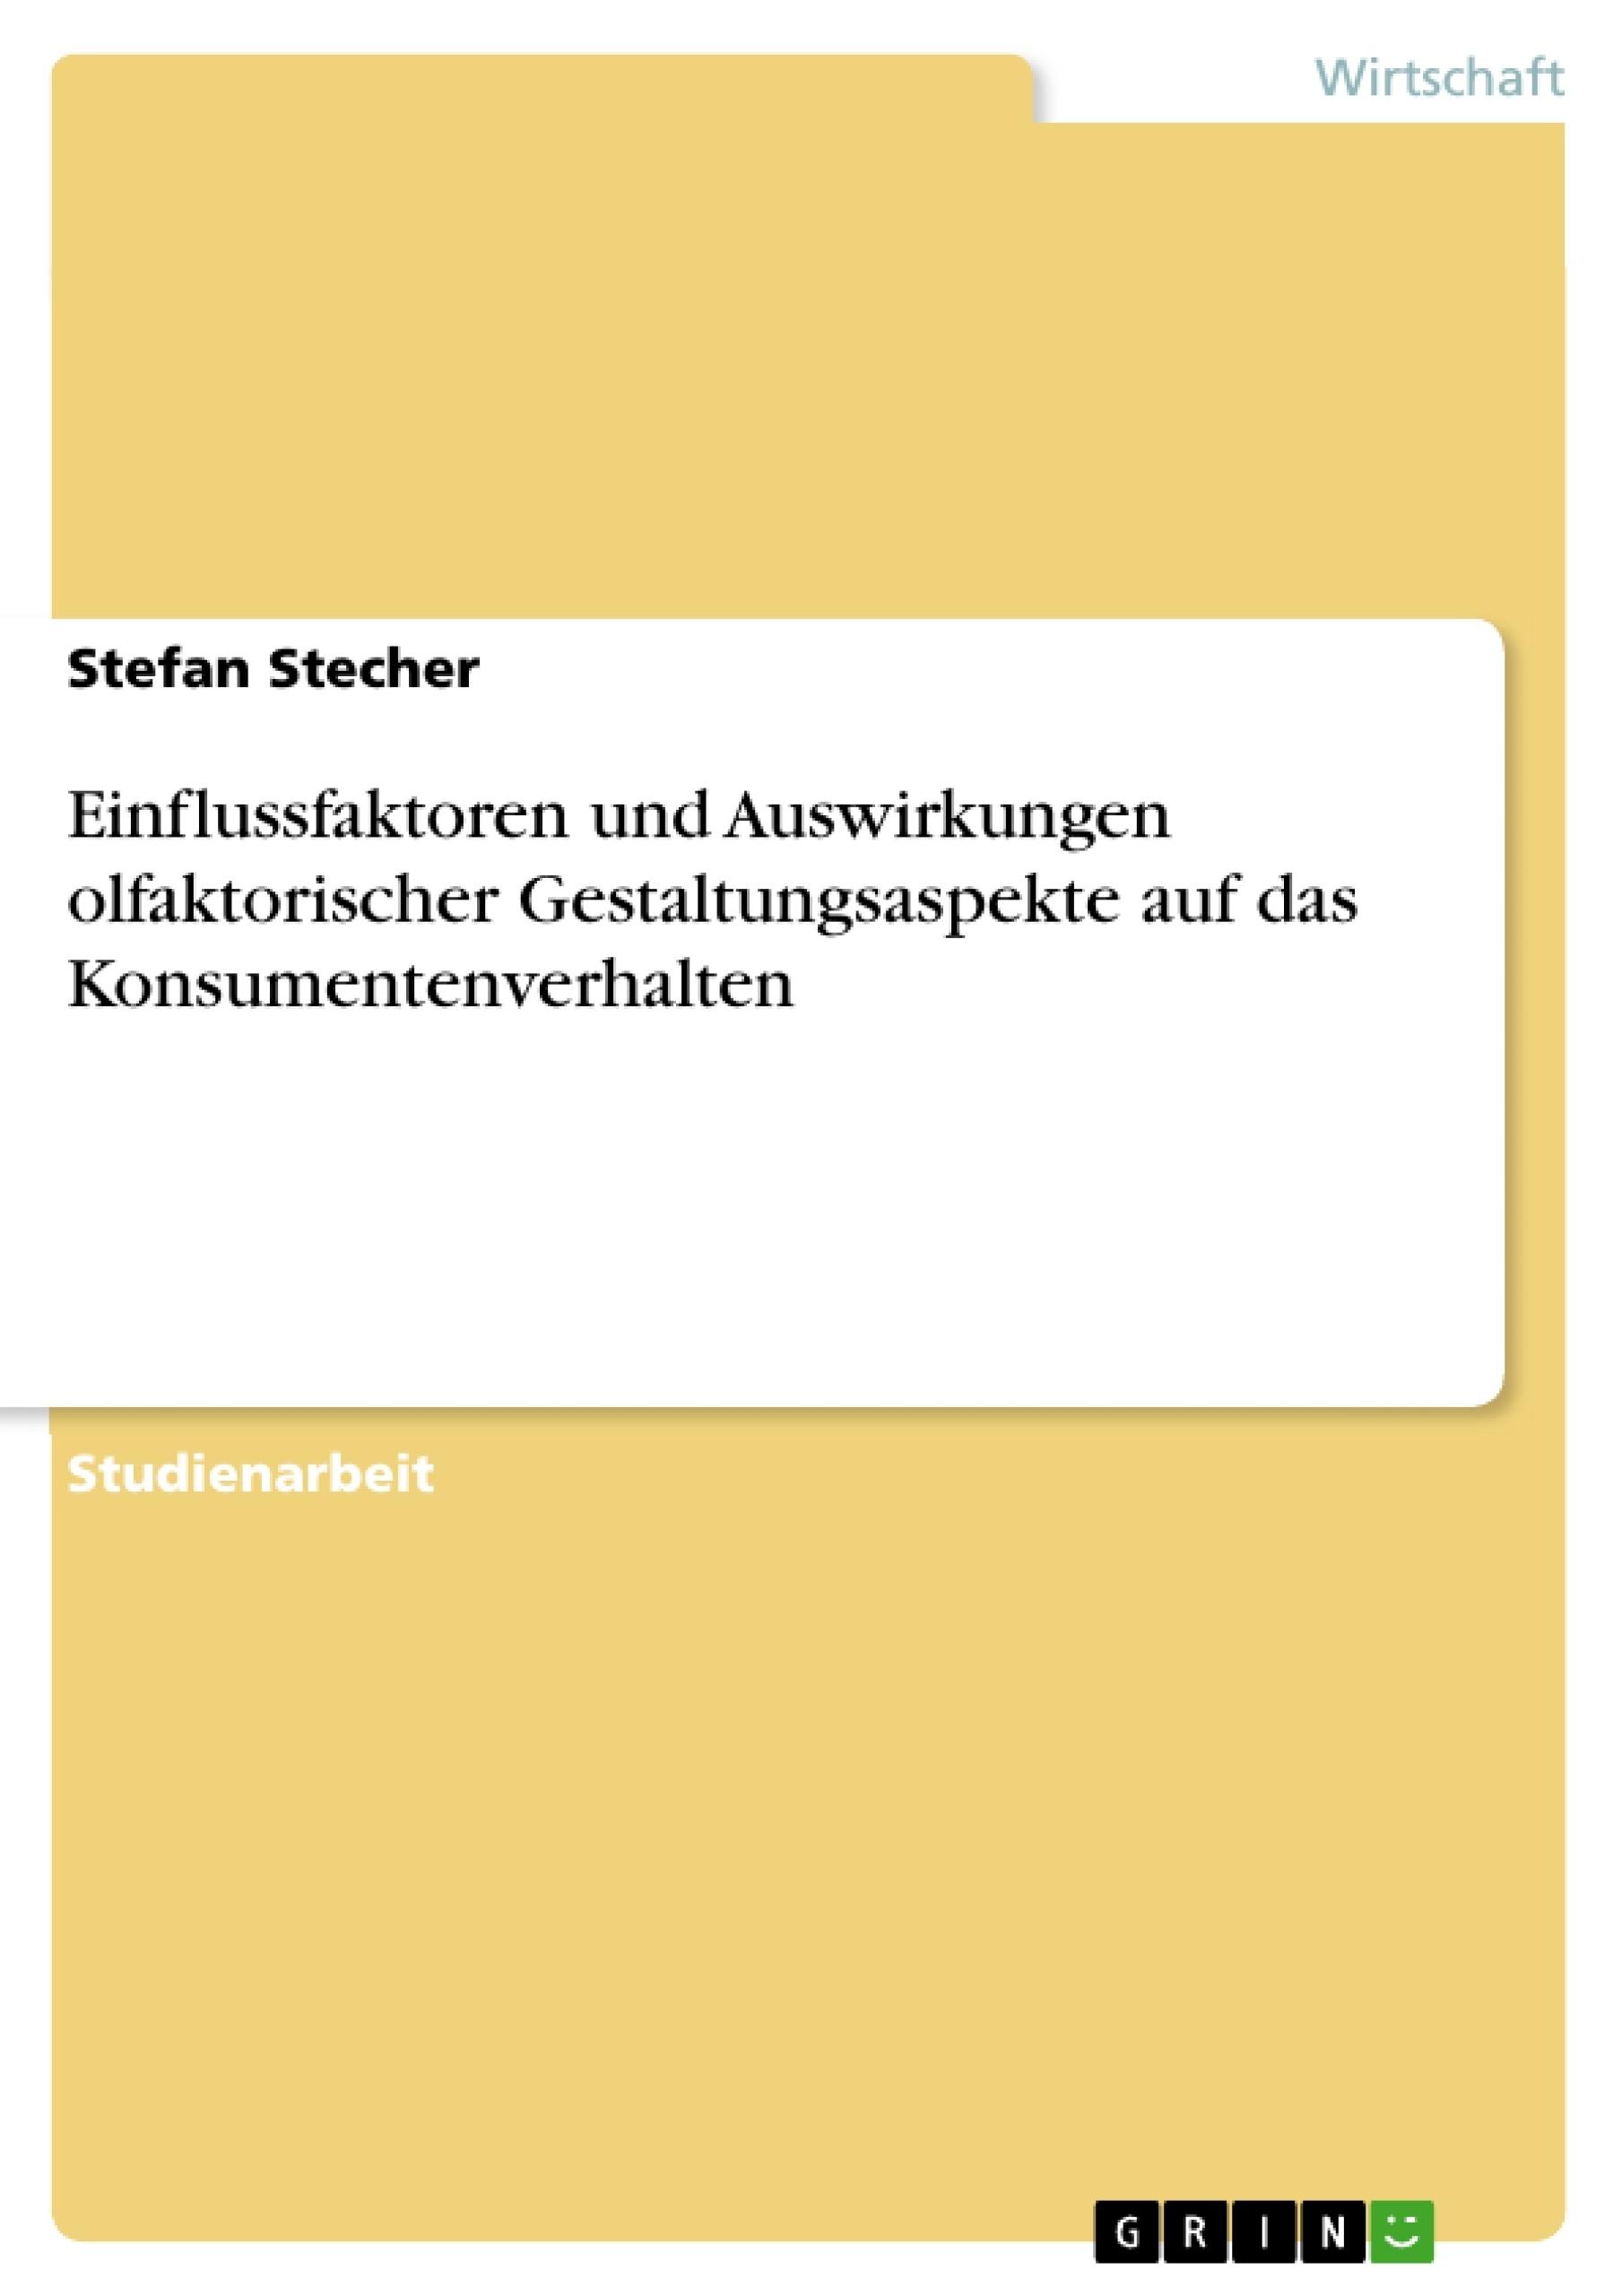 Titel: Einflussfaktoren und Auswirkungen olfaktorischer Gestaltungsaspekte auf das Konsumentenverhalten